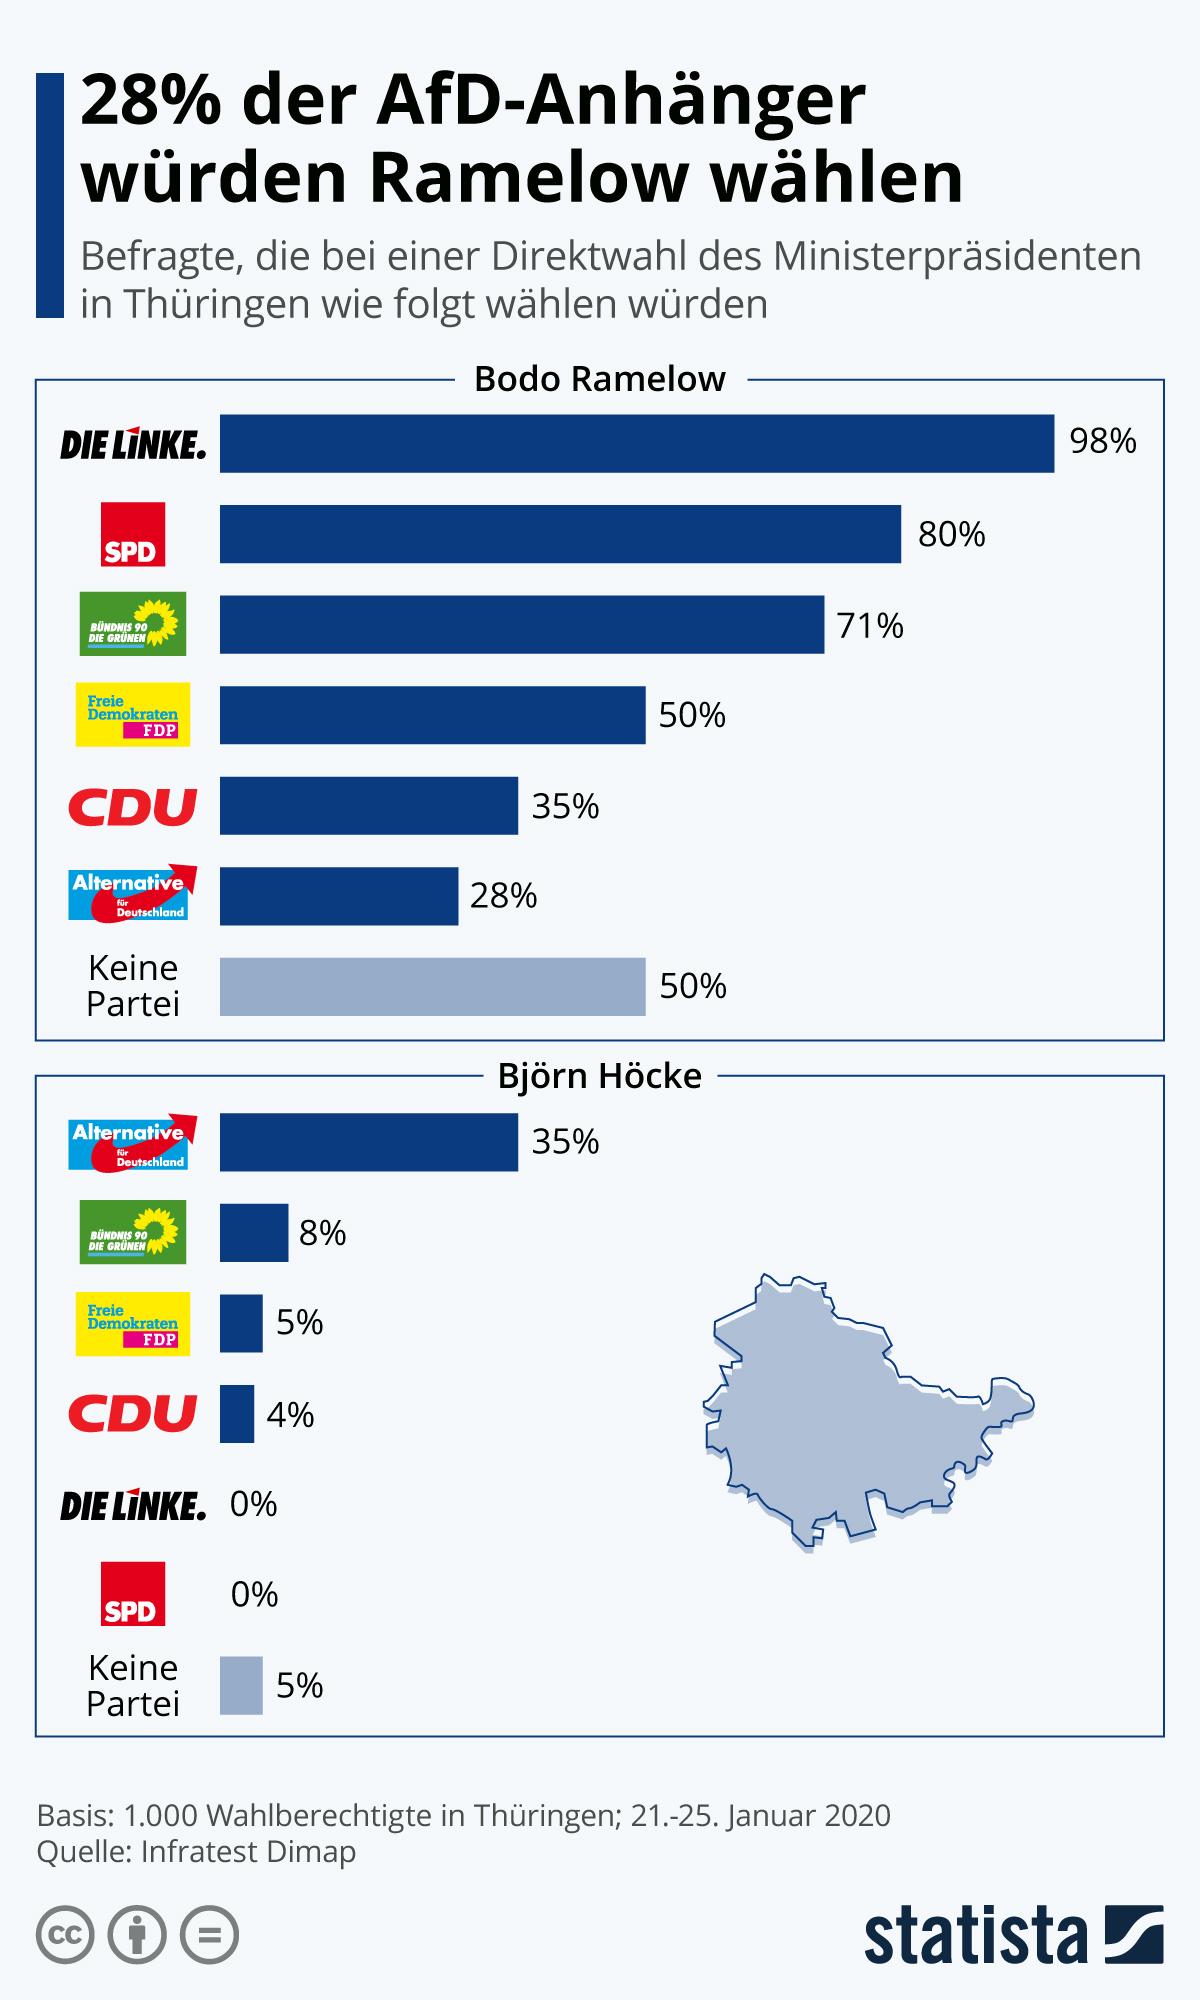 Infografik: 28 % der AfD-Anhänger würden Ramelow wählen | Statista